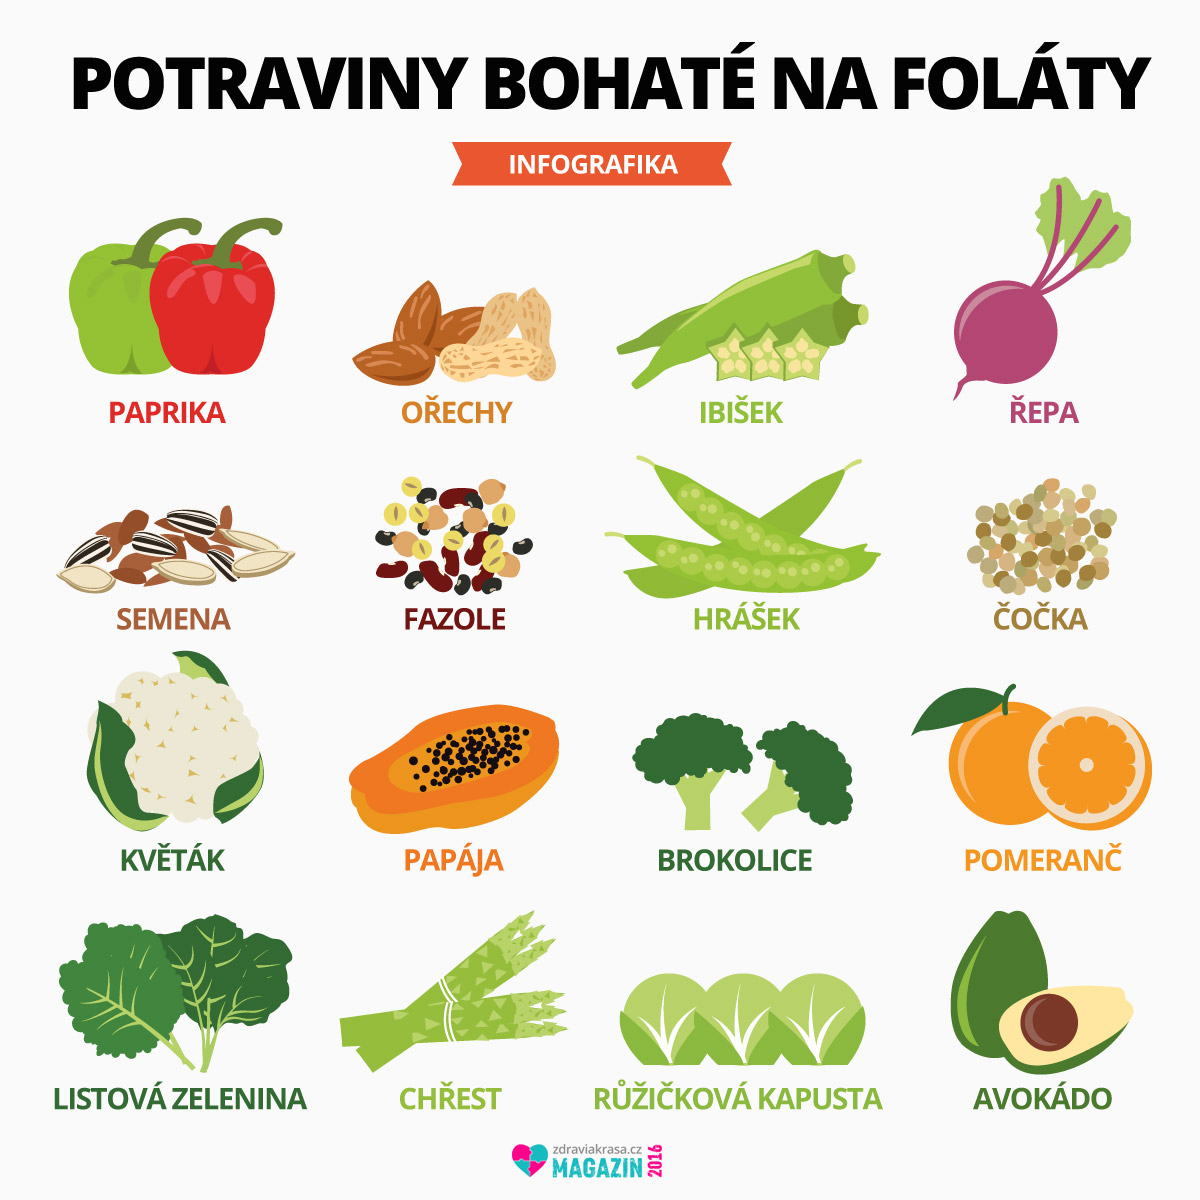 Potraviny bohaté na foláty by měly být součástí našeho jídelníčku. Jde především o určité druhy ovoce a zeleniny.